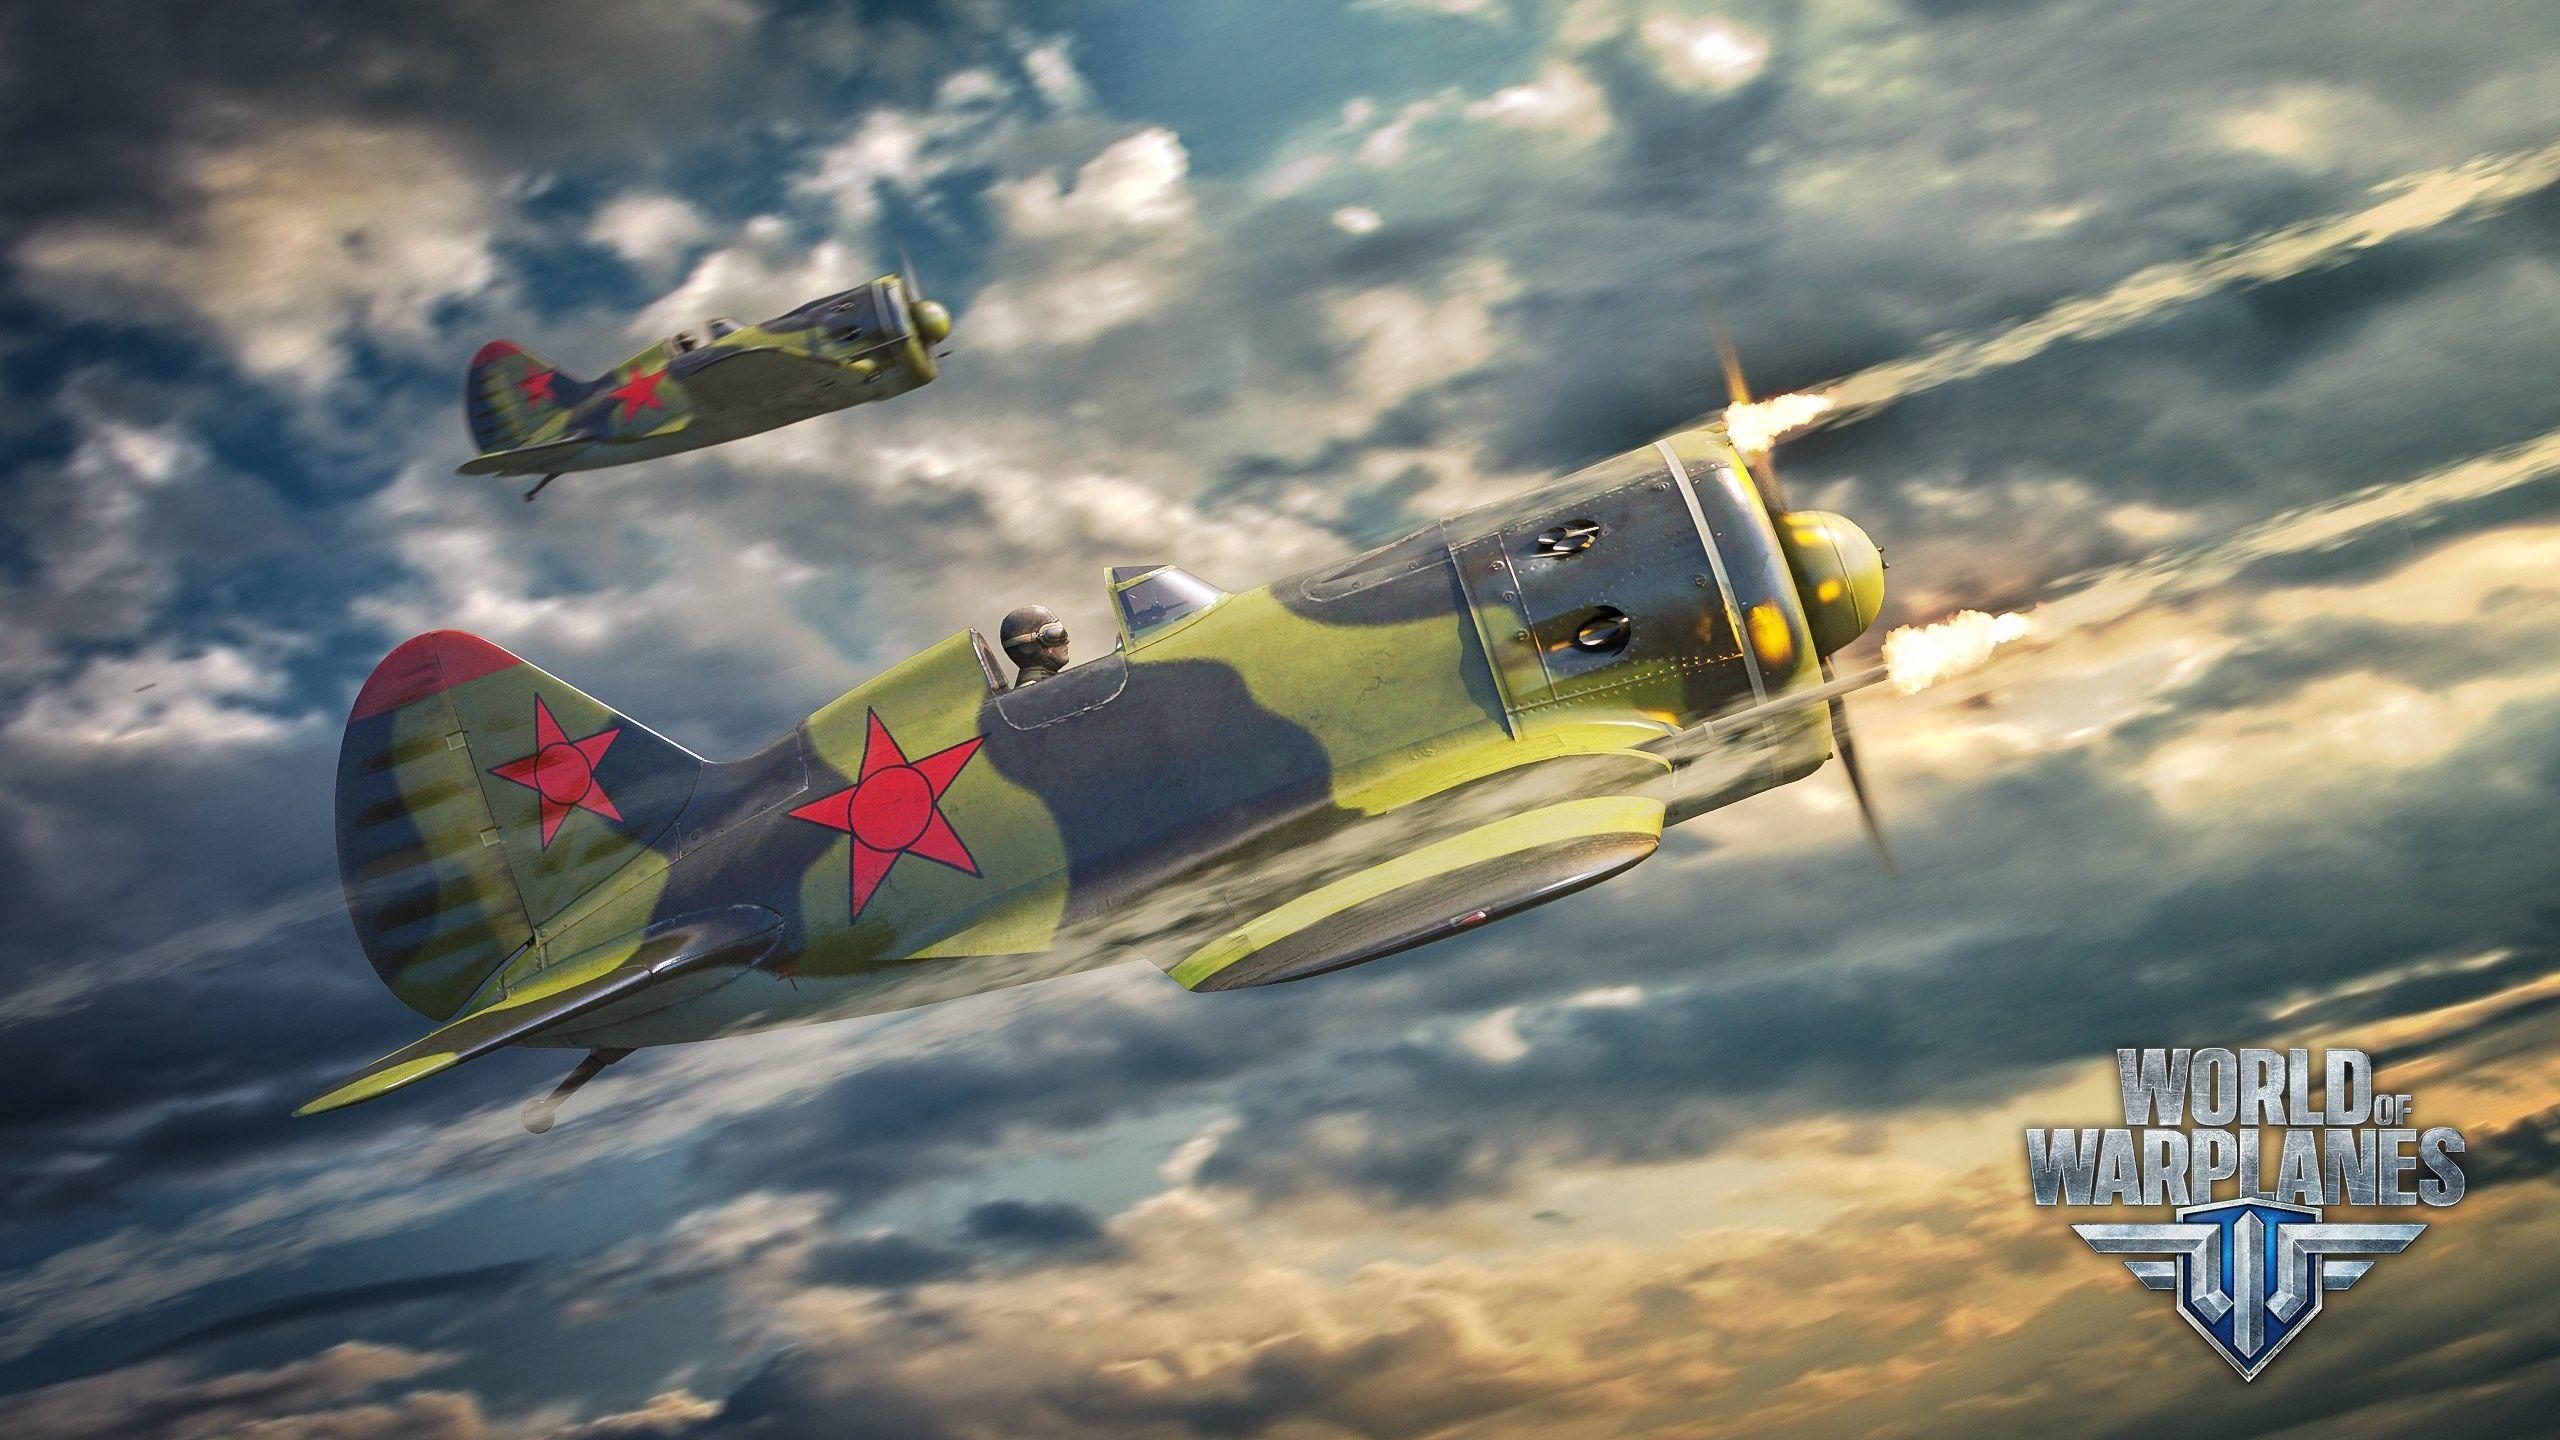 #1300239, Wallpapers for Desktop: World of Warplanes wallpaper